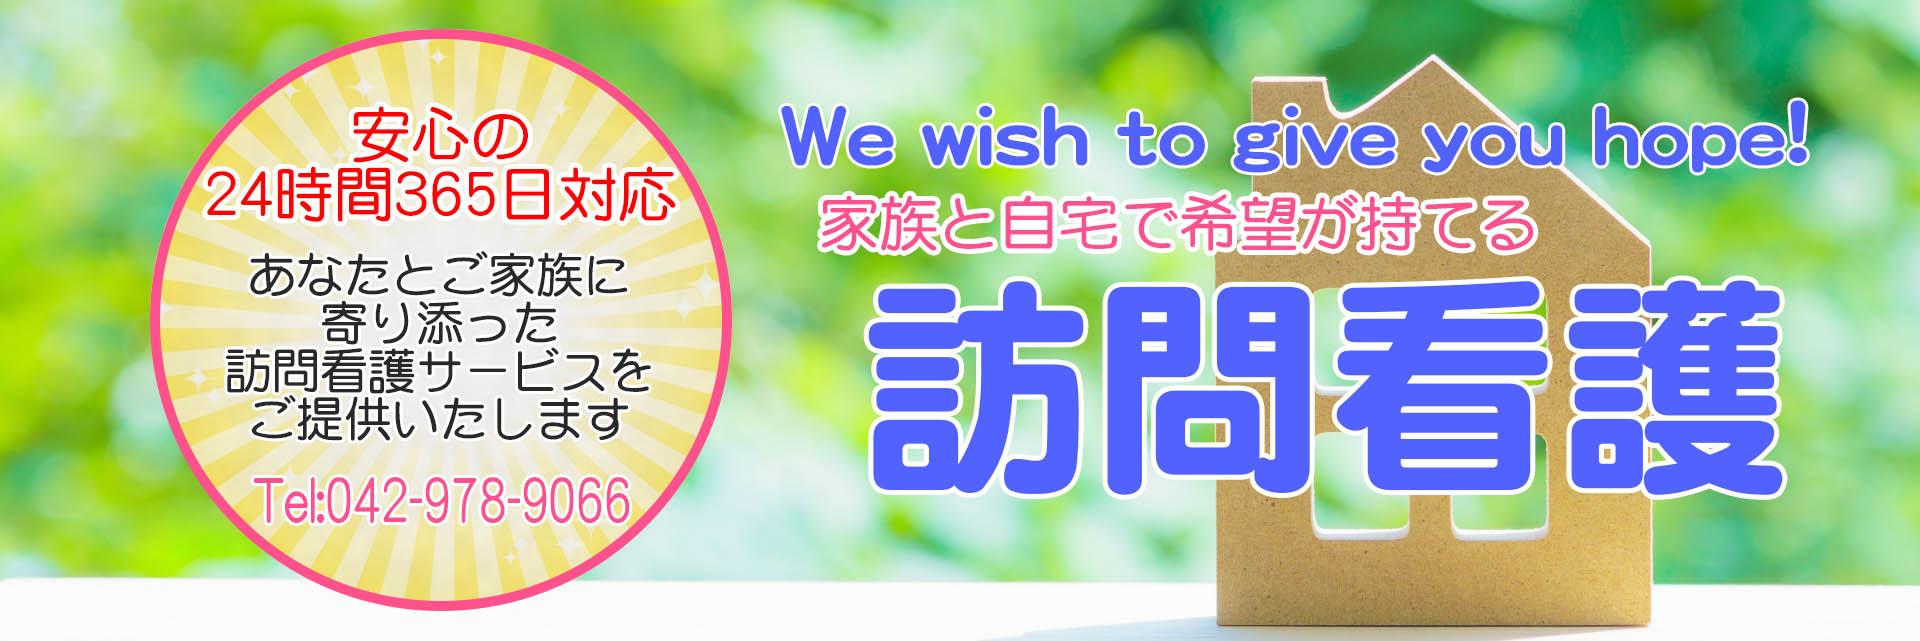 オマッチ訪問看護ステーション 埼玉県飯能市